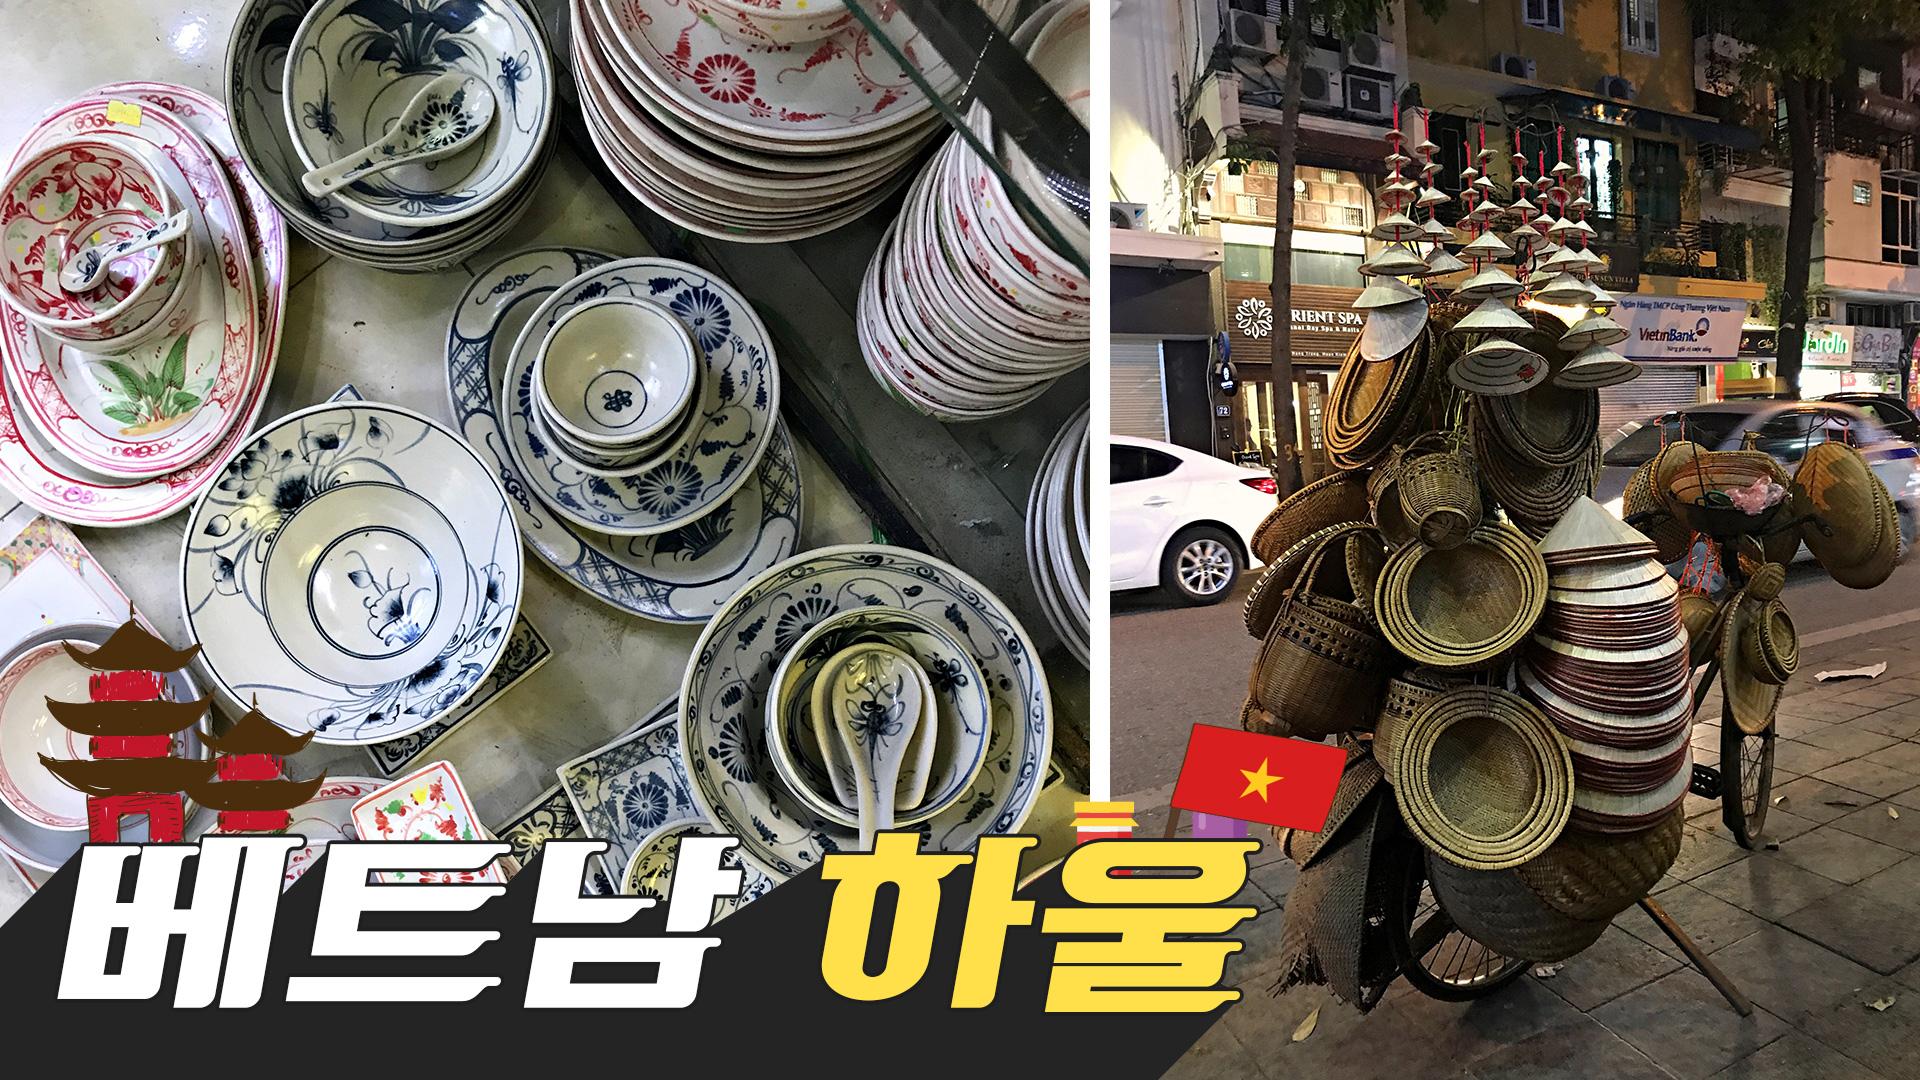 [그릇 하울] 베트남의 유명 도자기 마을 '밧짱'과 편집삽에서 만난 이국적인 소품소개